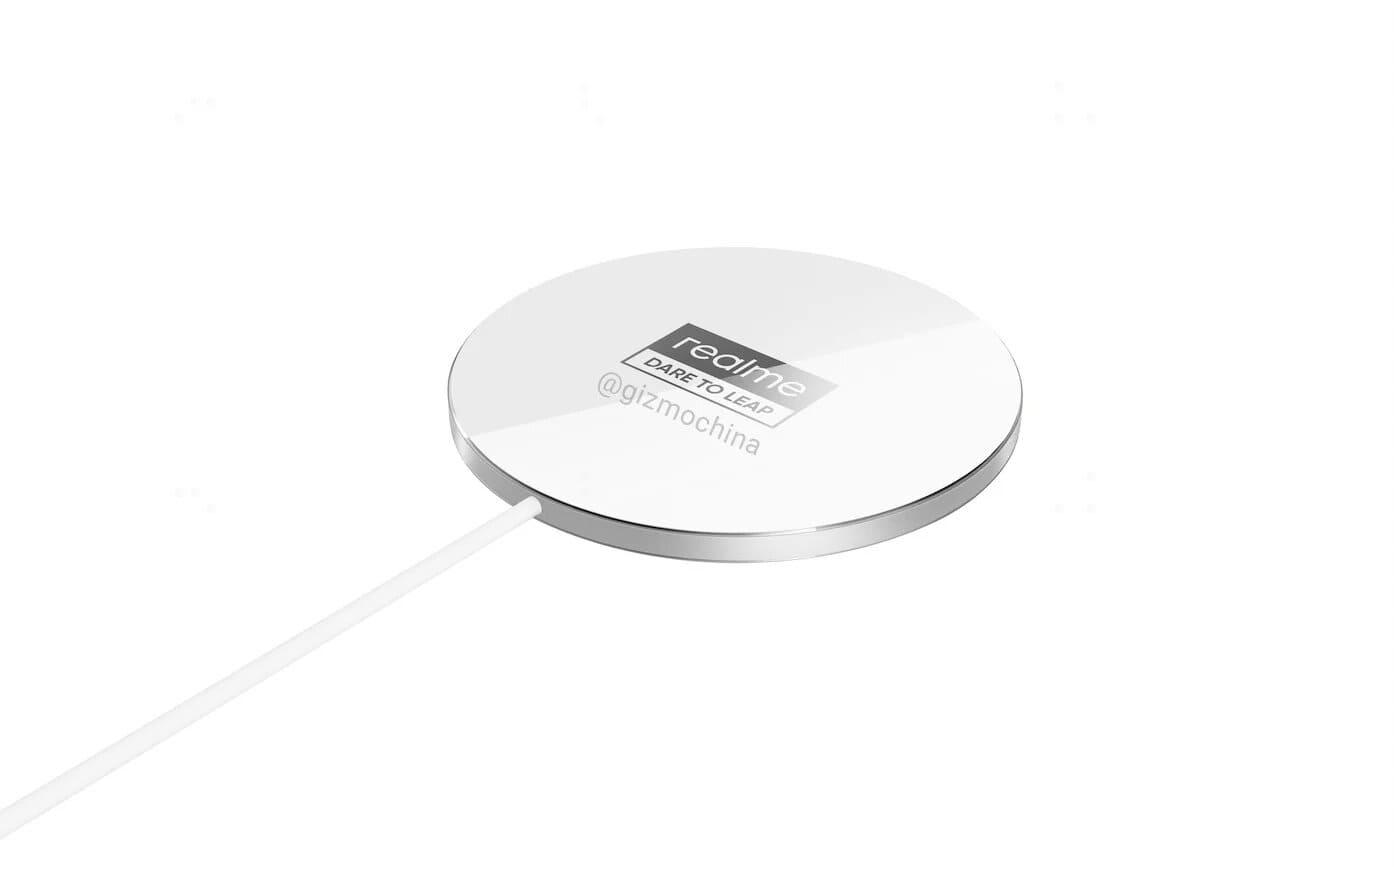 filtrado-cargador-MagDart-Realme-similar-MagSafe